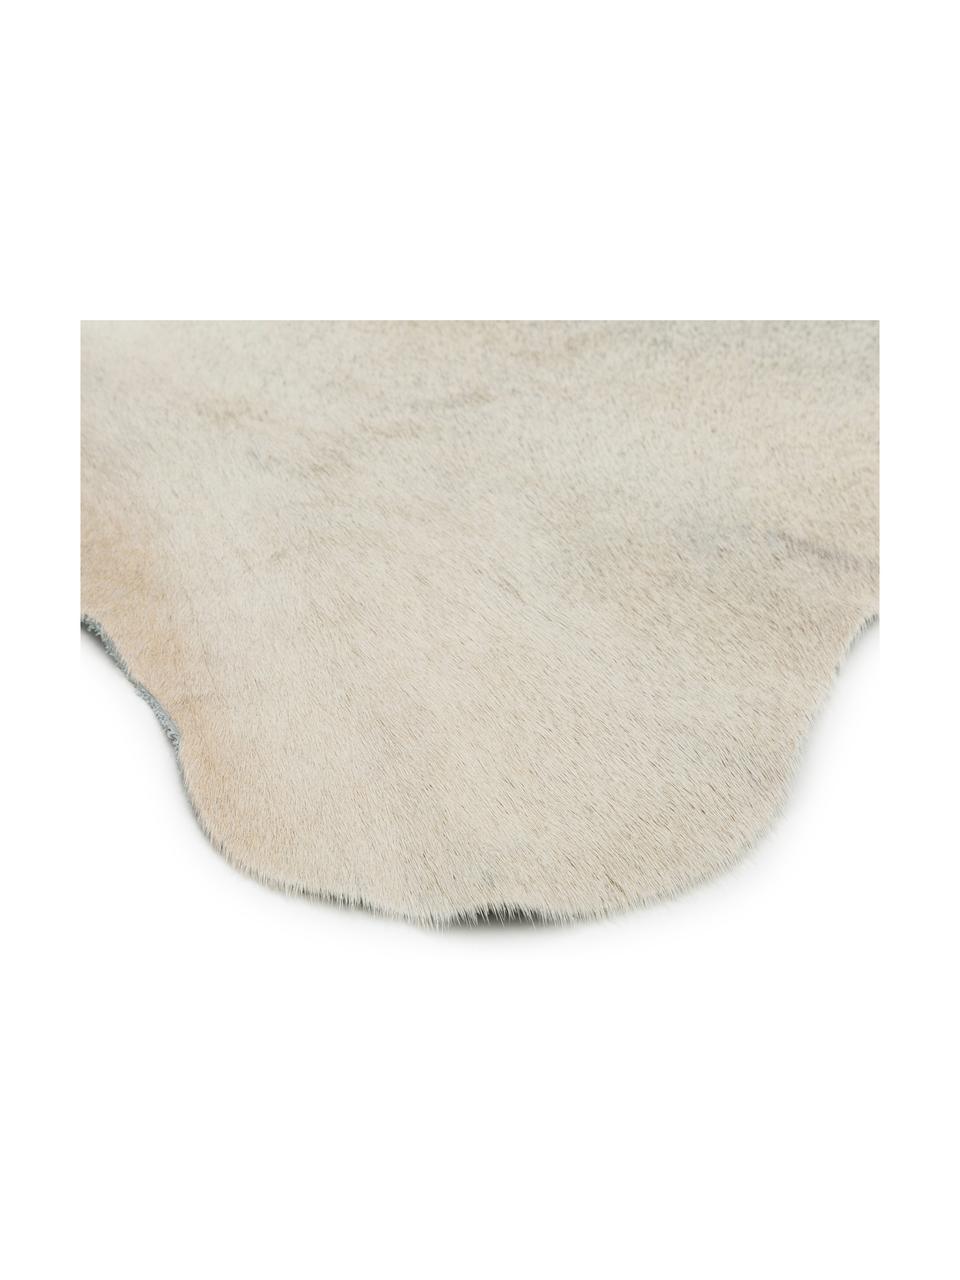 Dywan ze skóry bydlęcej Anna, Skóra bydlęca, Biały, beżowy, Unikatowa skóra bydlęca 1090